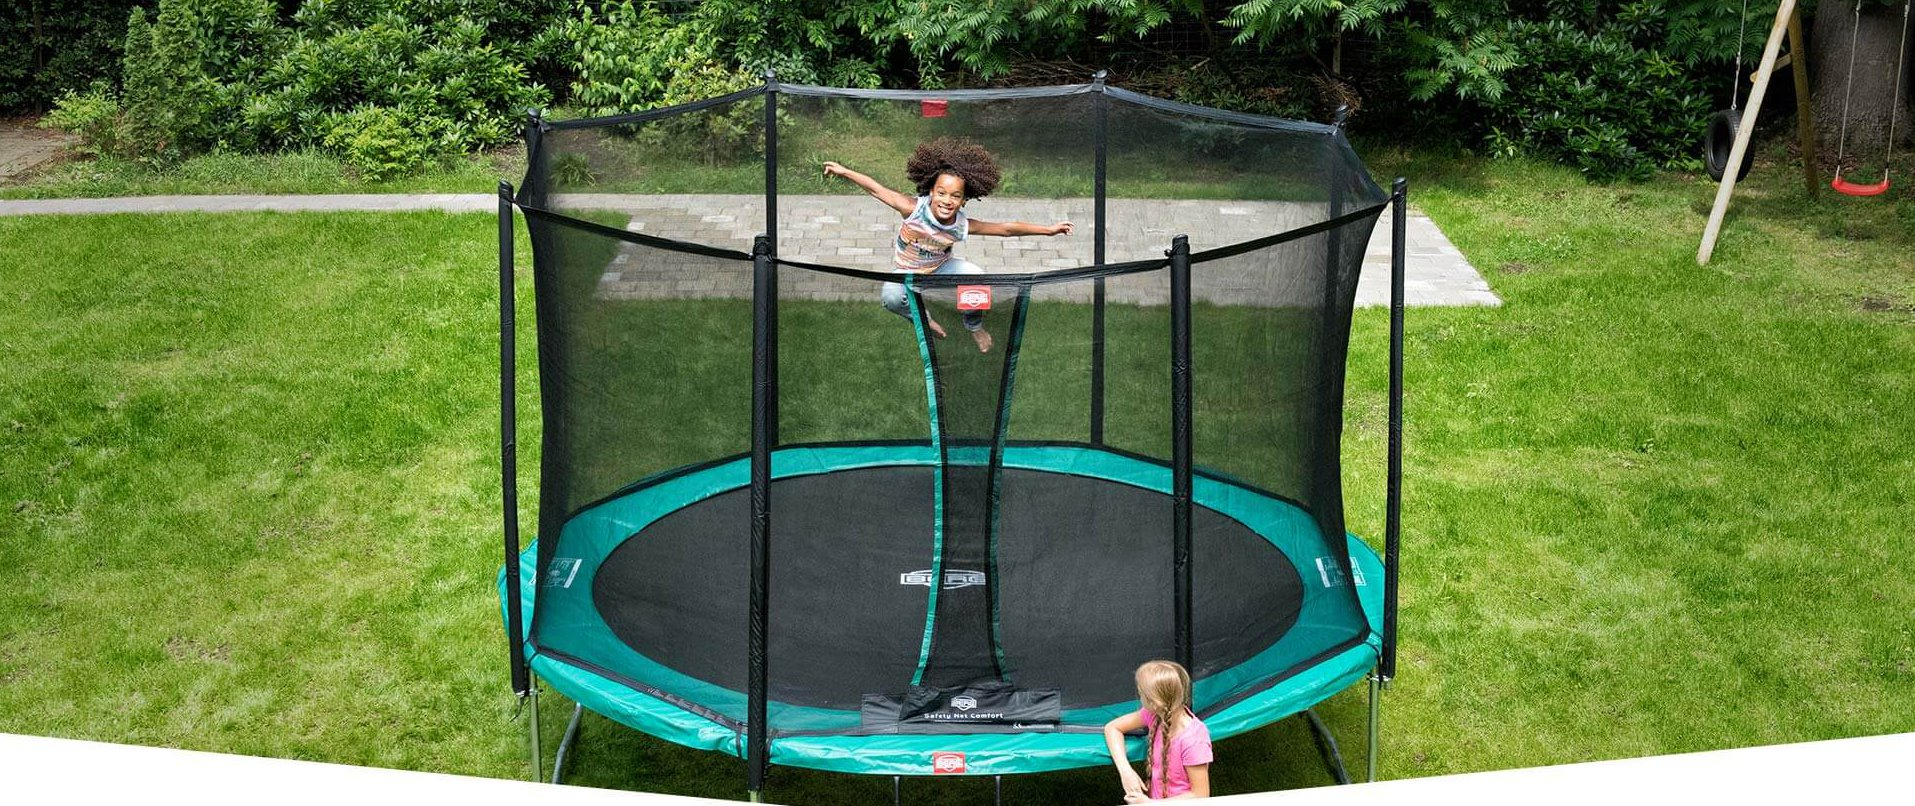 sicheres Trampolinzubehör kauft man bei trampolin-profi.de